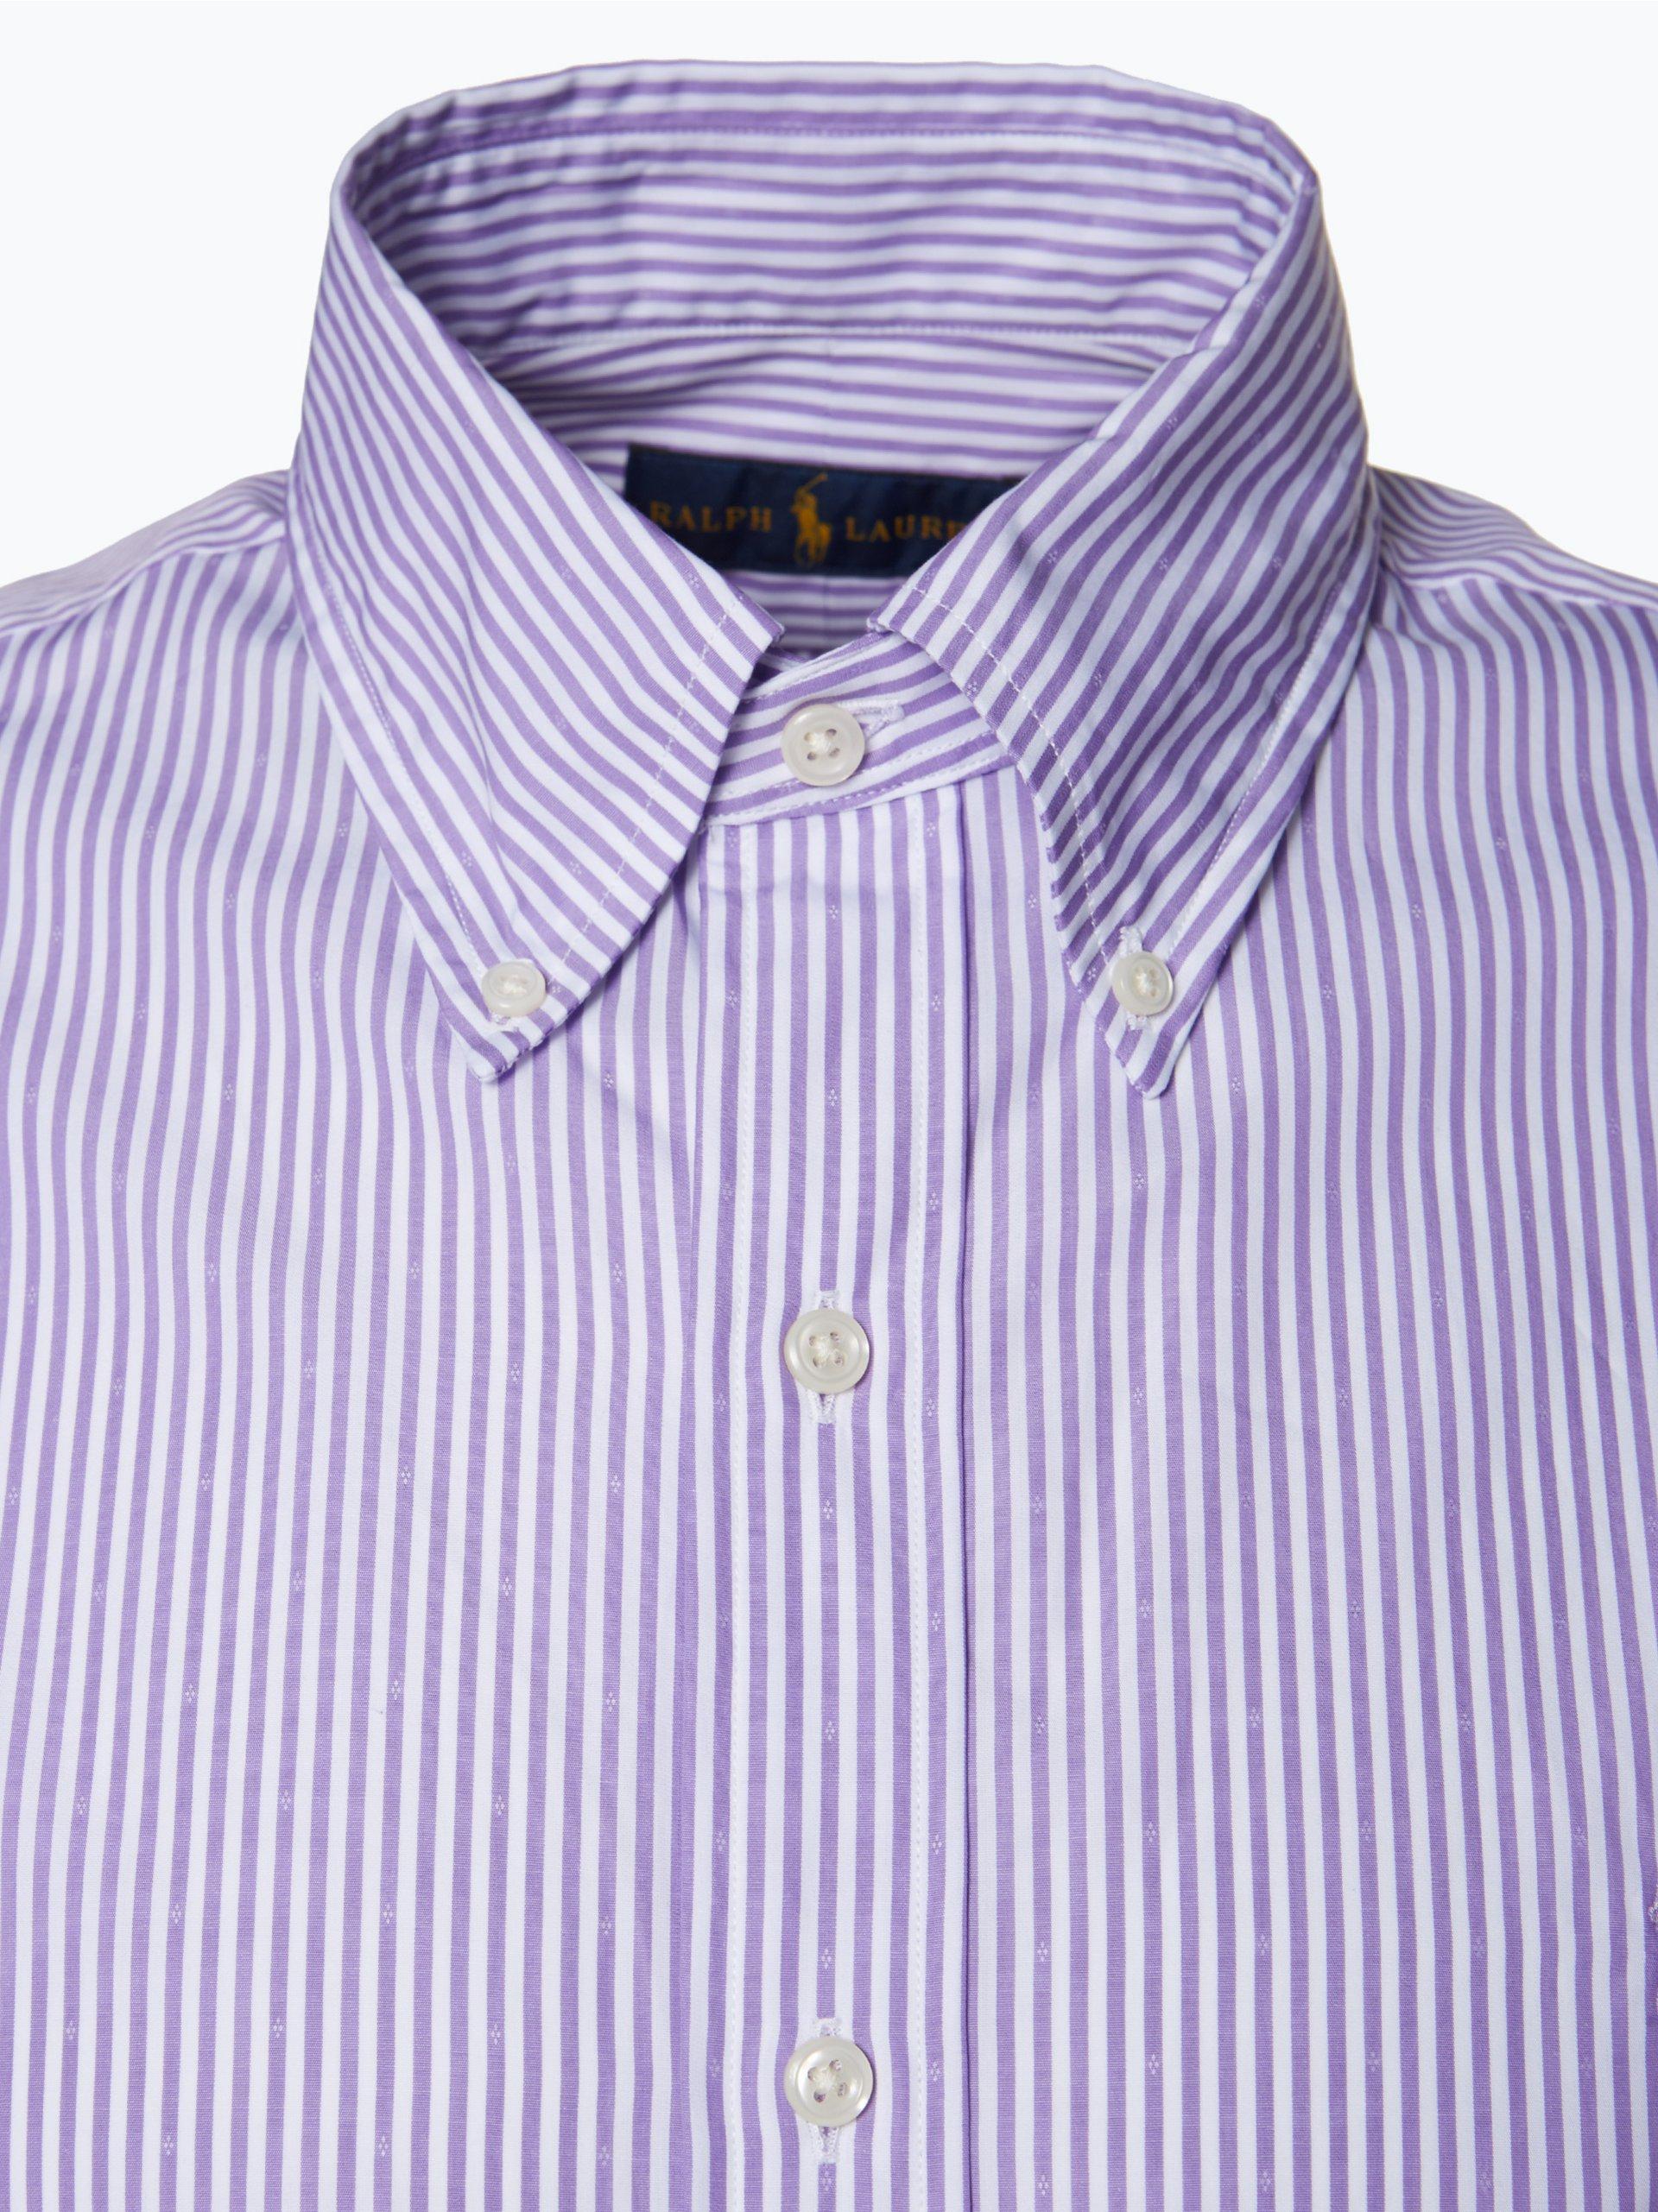 polo ralph lauren herren hemd purple gestreift online kaufen vangraaf com. Black Bedroom Furniture Sets. Home Design Ideas